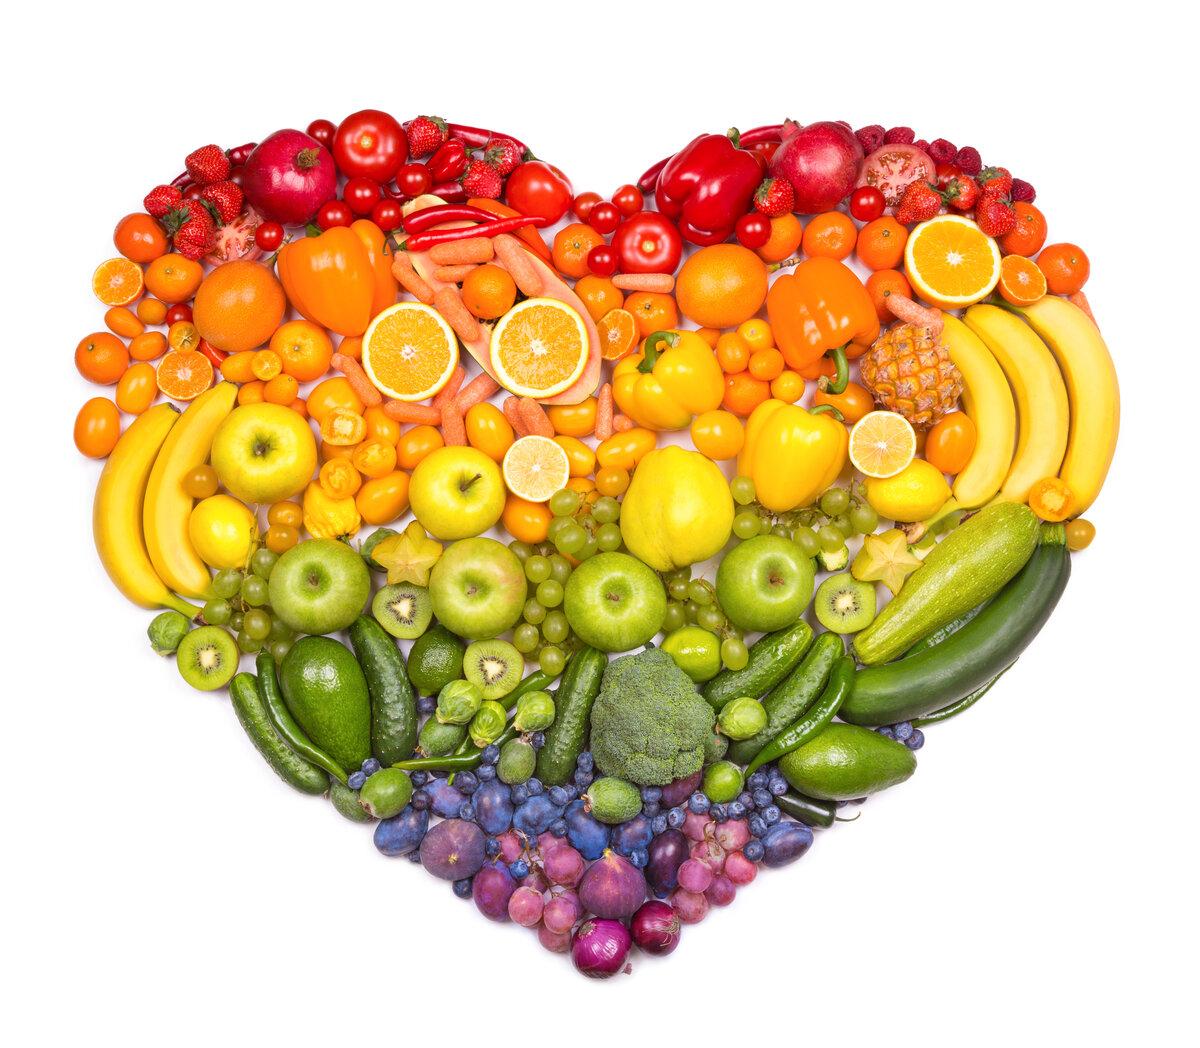 преимущества цветного питания